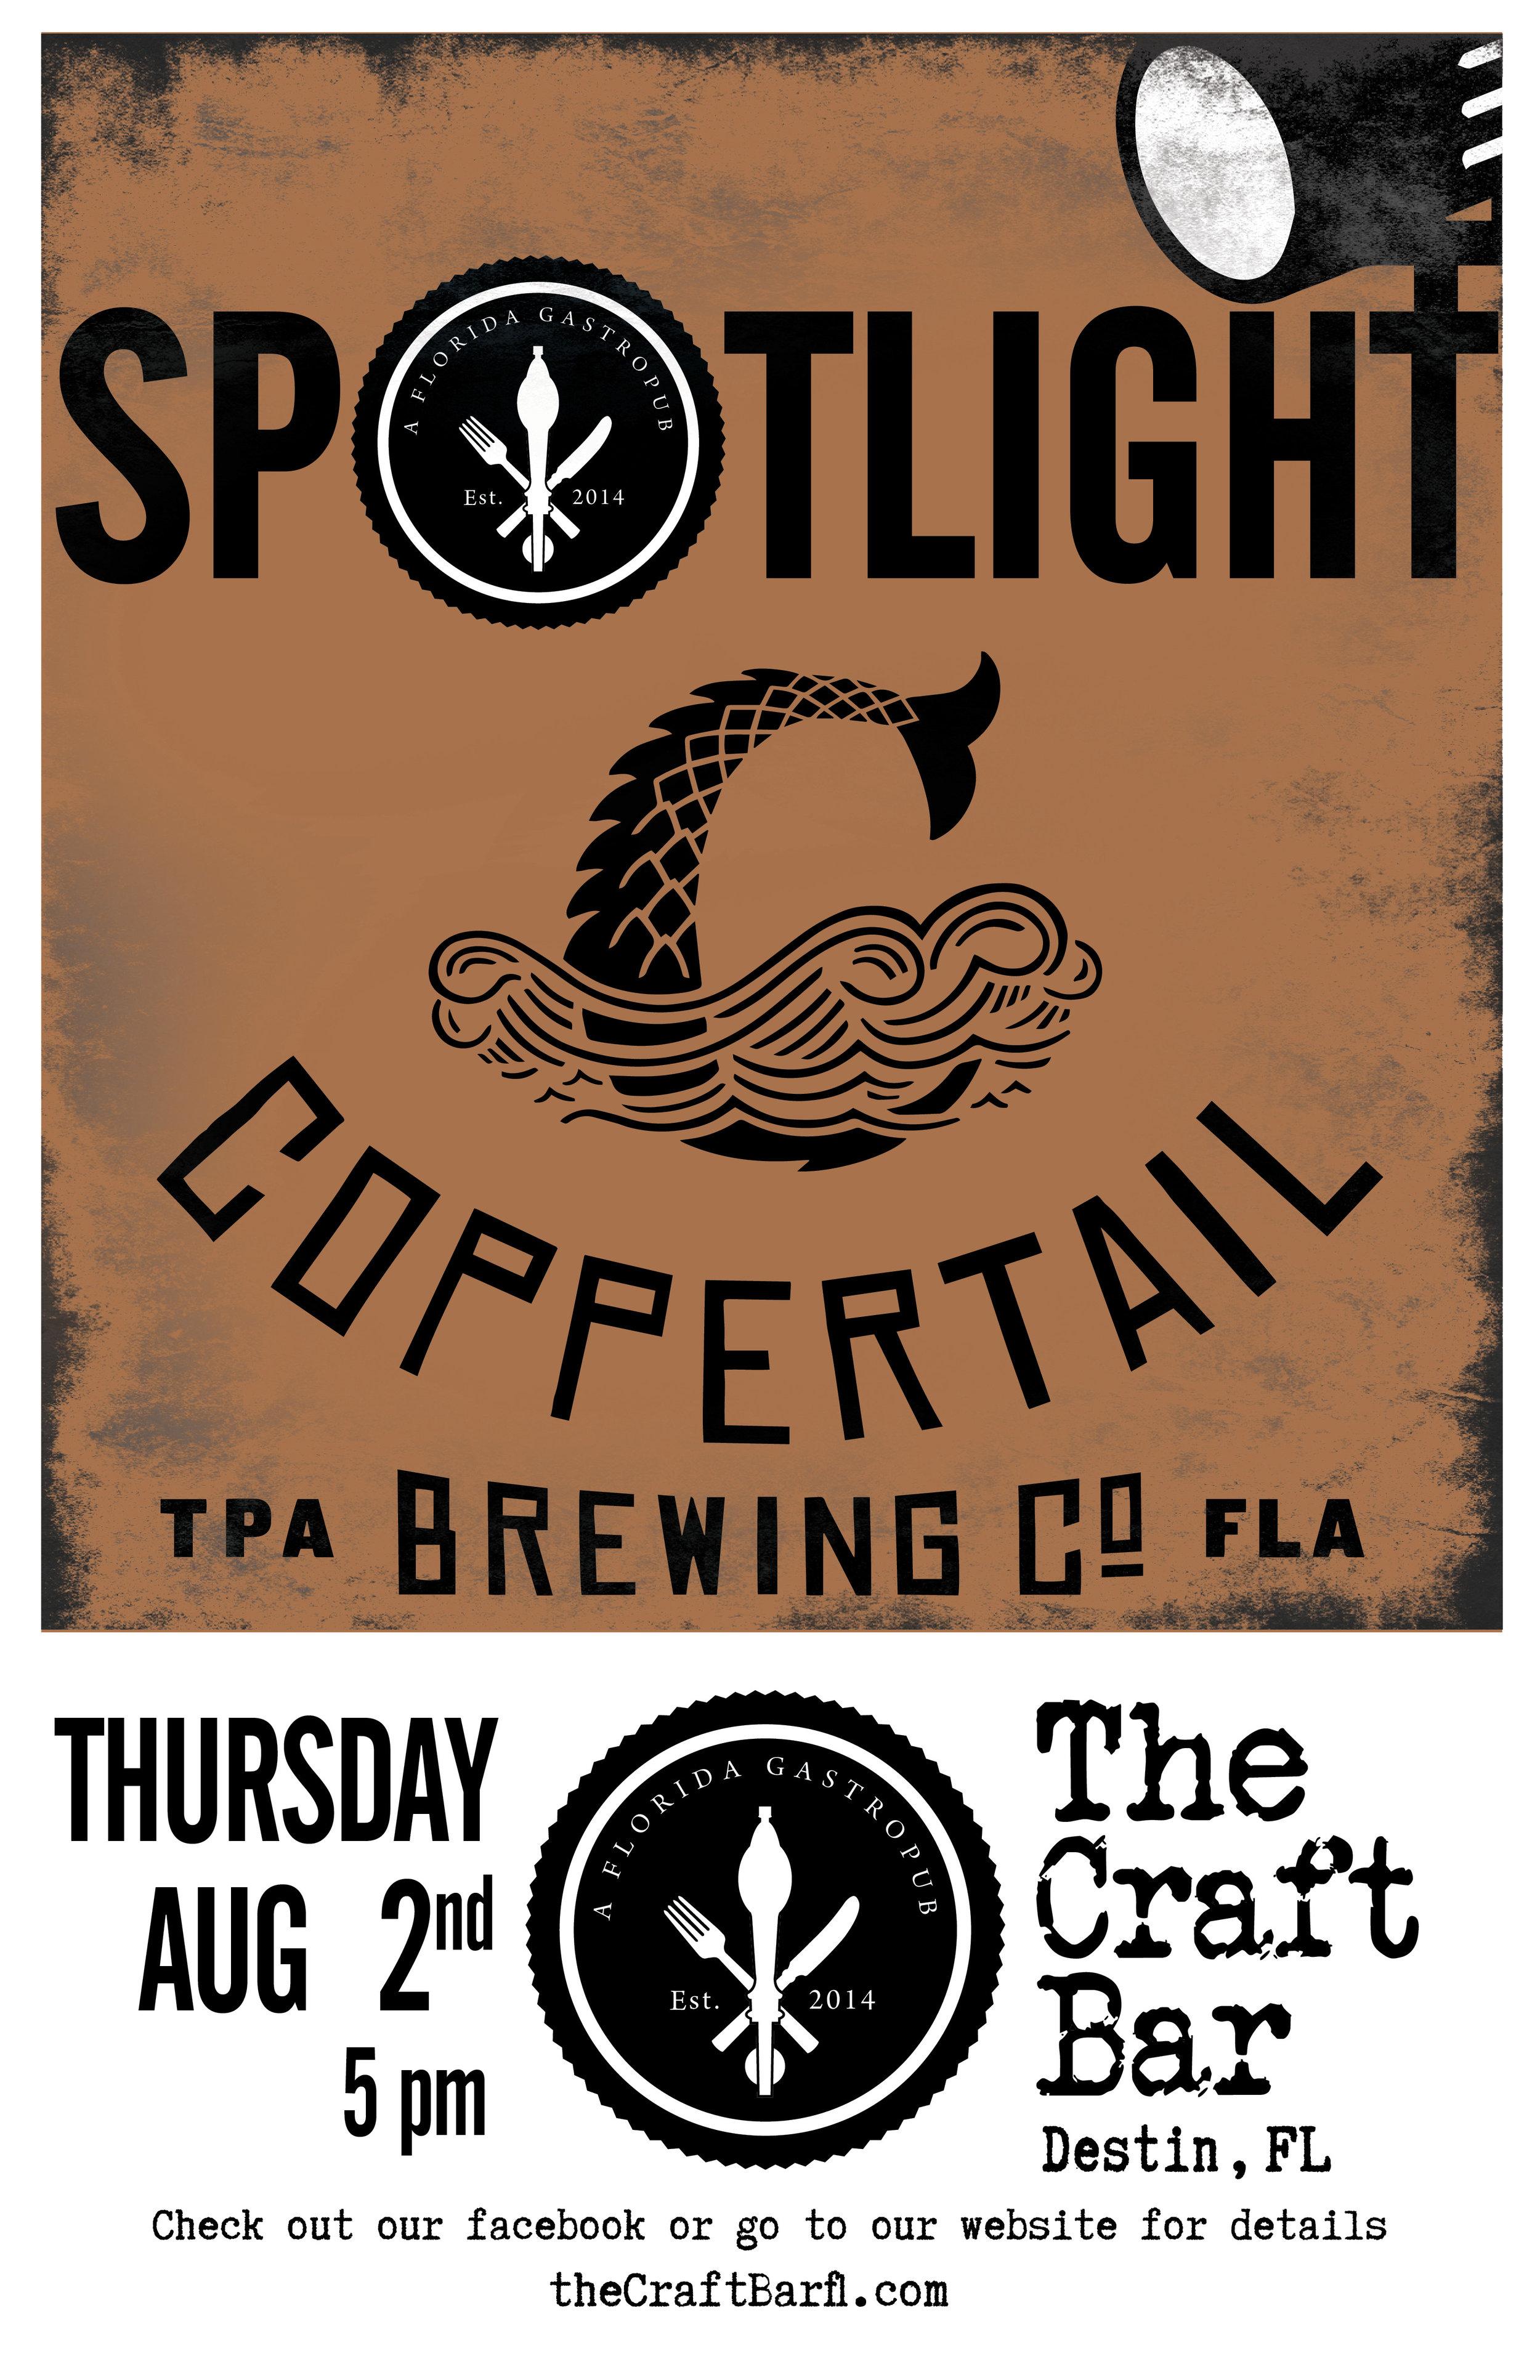 Spotlight - Coppertail - DESTIN - Poster.jpg